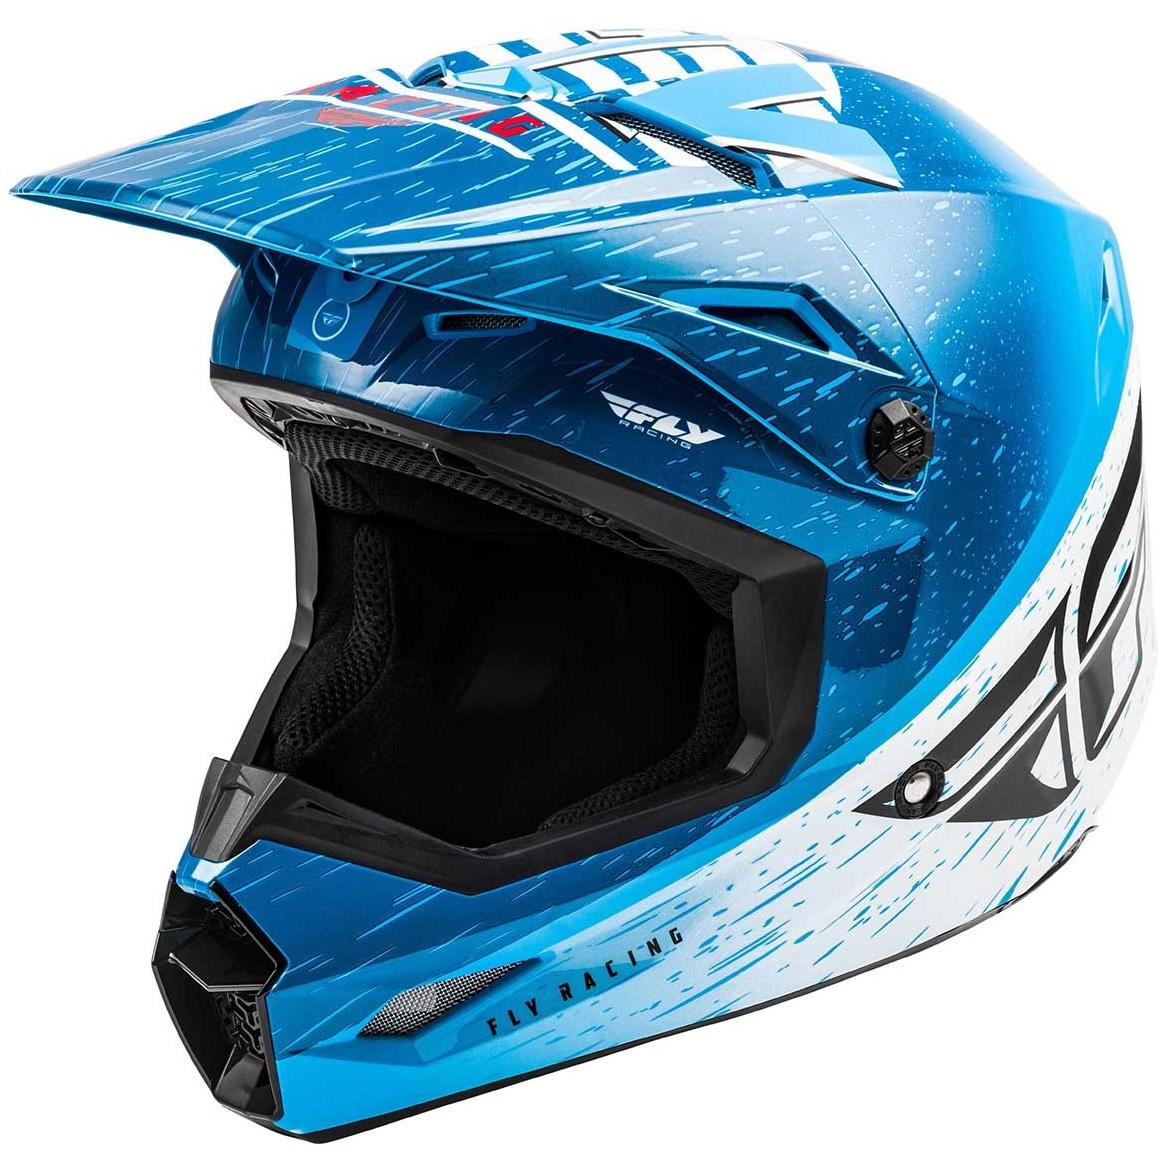 Fly Racing - 2020 Kinetic K120 шлем, сине-бело-красный